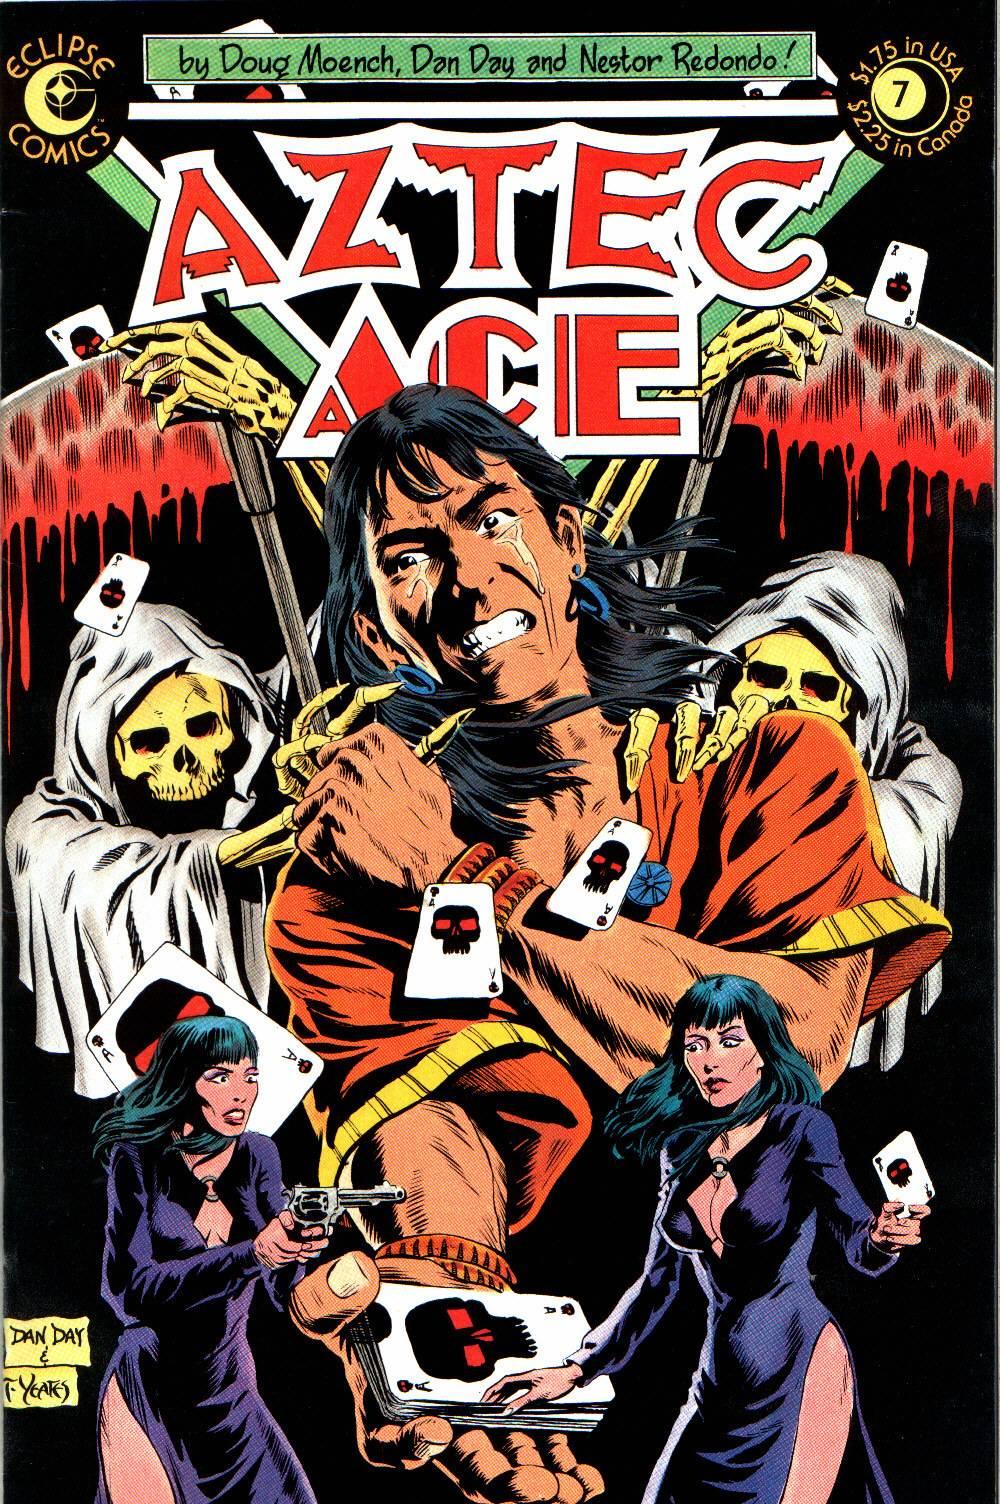 Aztec Ace 7 Page 1